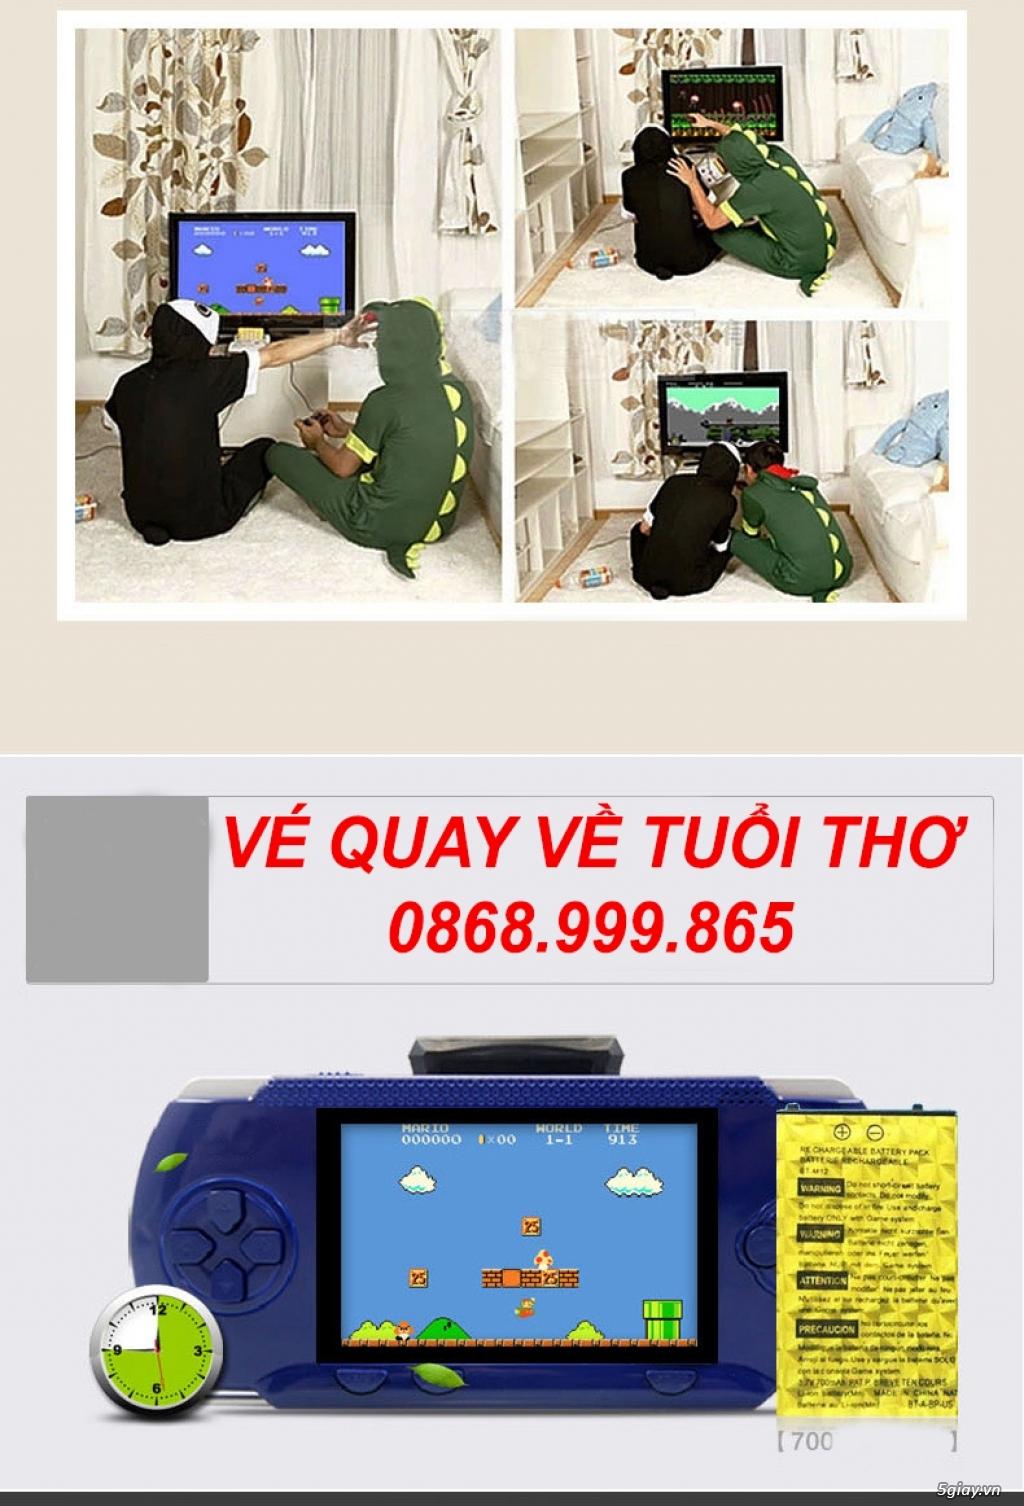 Cực Hot ! Máy Chơi Game RS-80 Full 300 Game Quay Về Tuổi Thơ Dữ Dội - 9